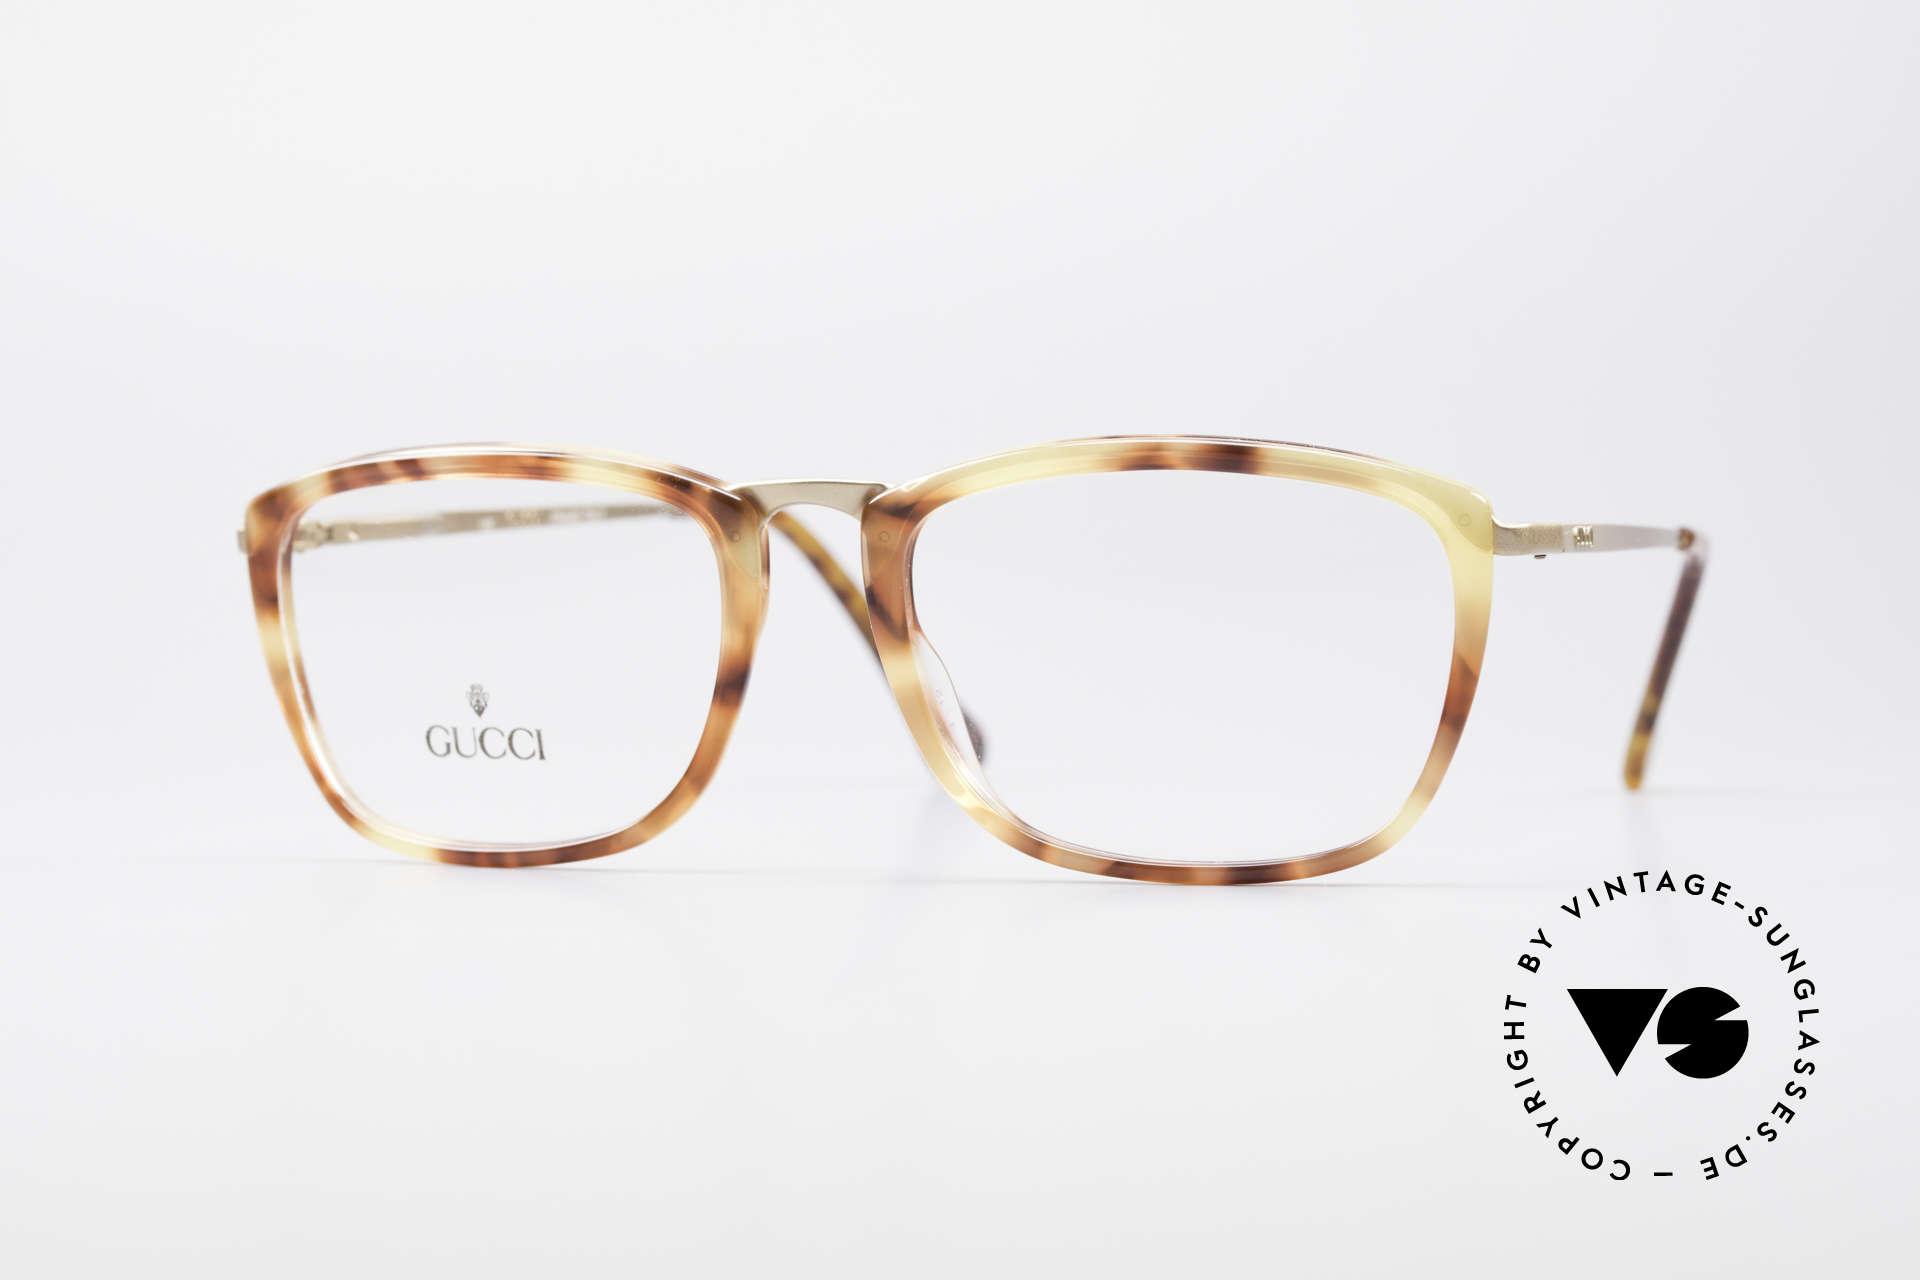 Brillen Gucci 1140 Damen & Herren Brille | Vintage Sunglasses